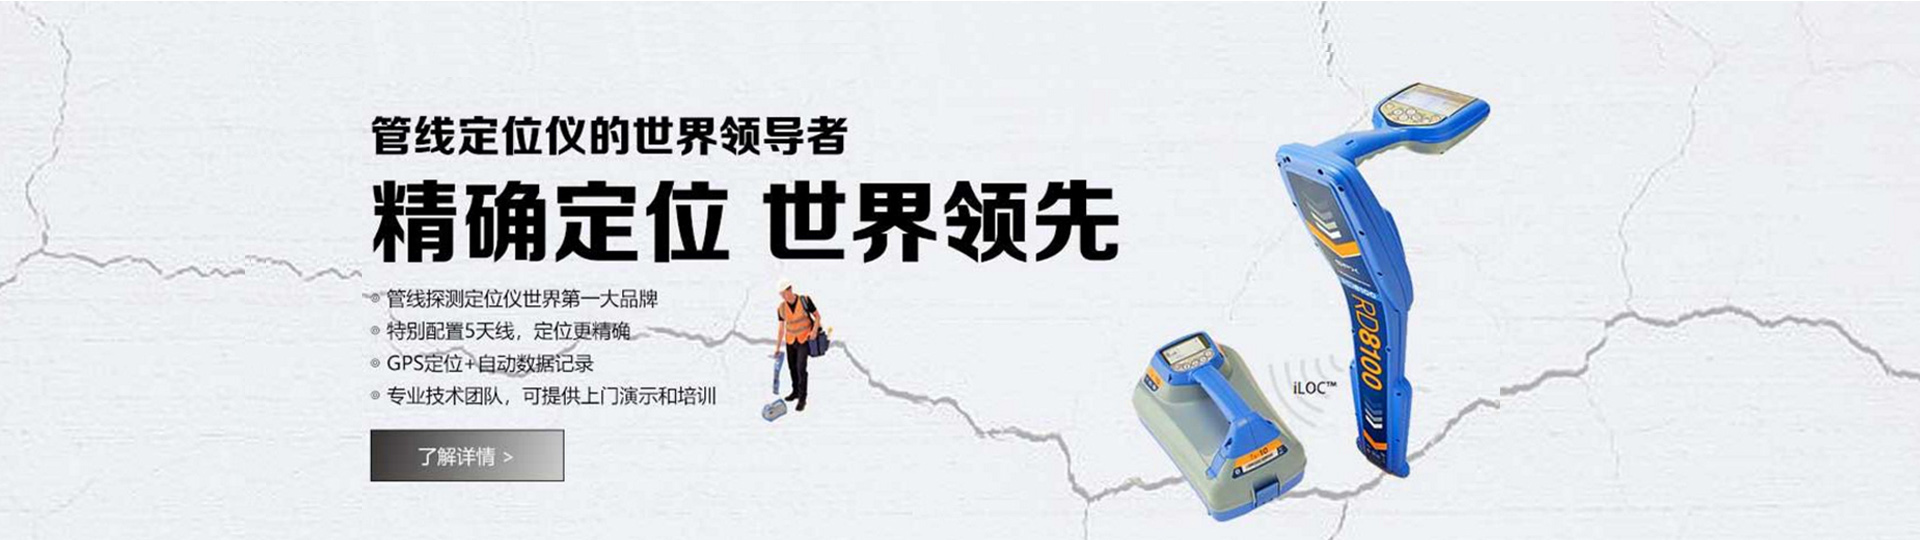 深圳市鹏锦科技有限公司